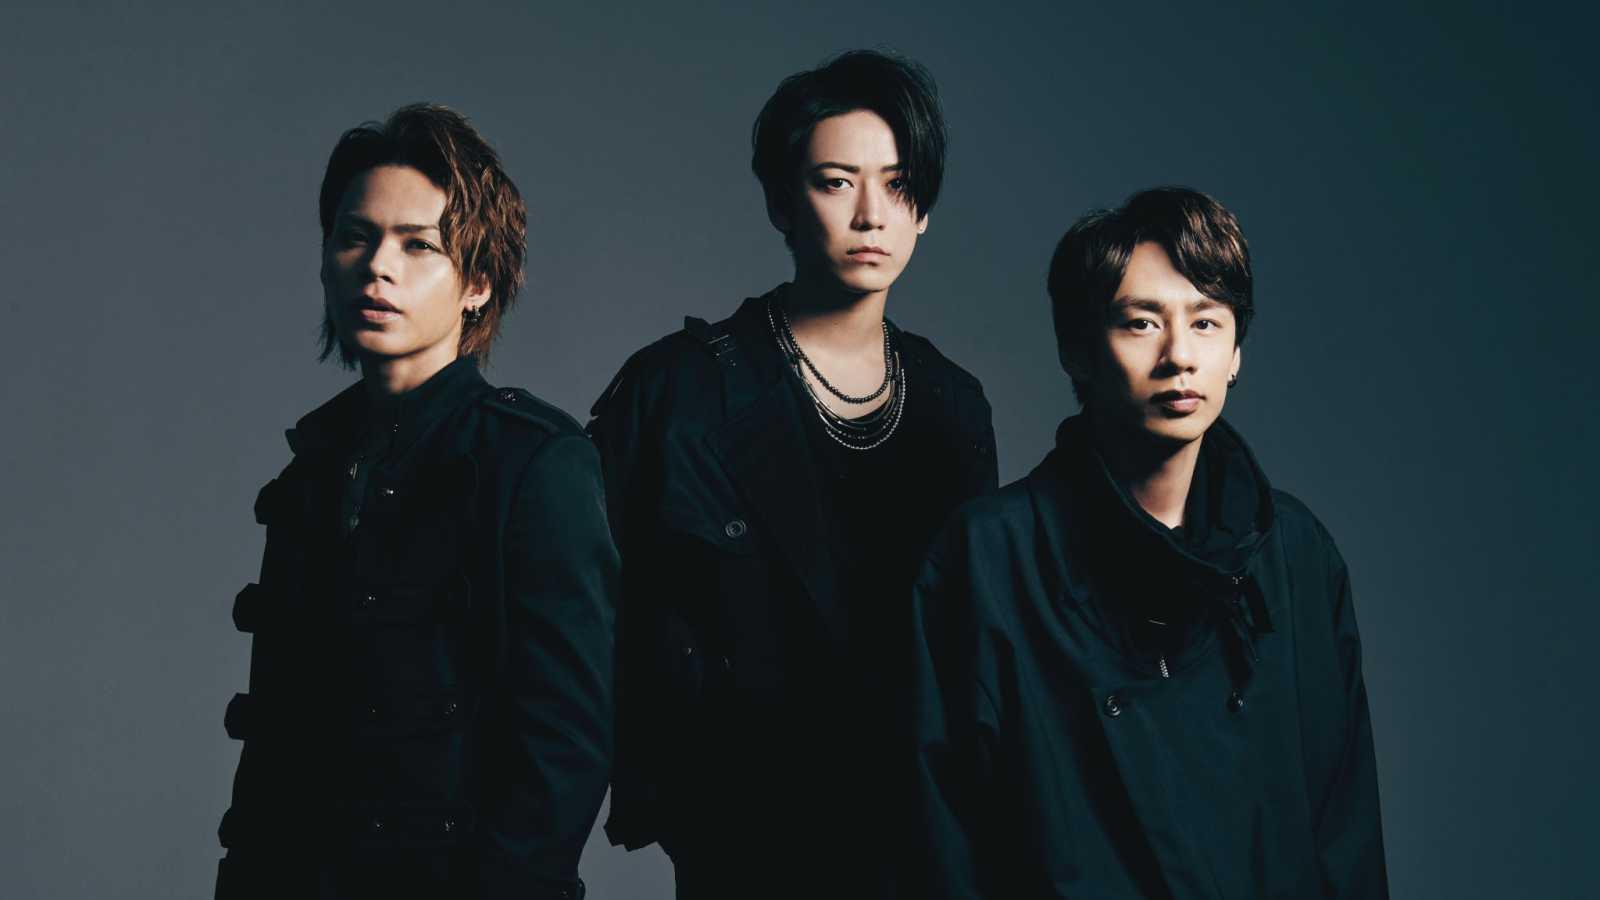 Neue Single von KAT-TUN © KAT-TUN. All rights reserved.